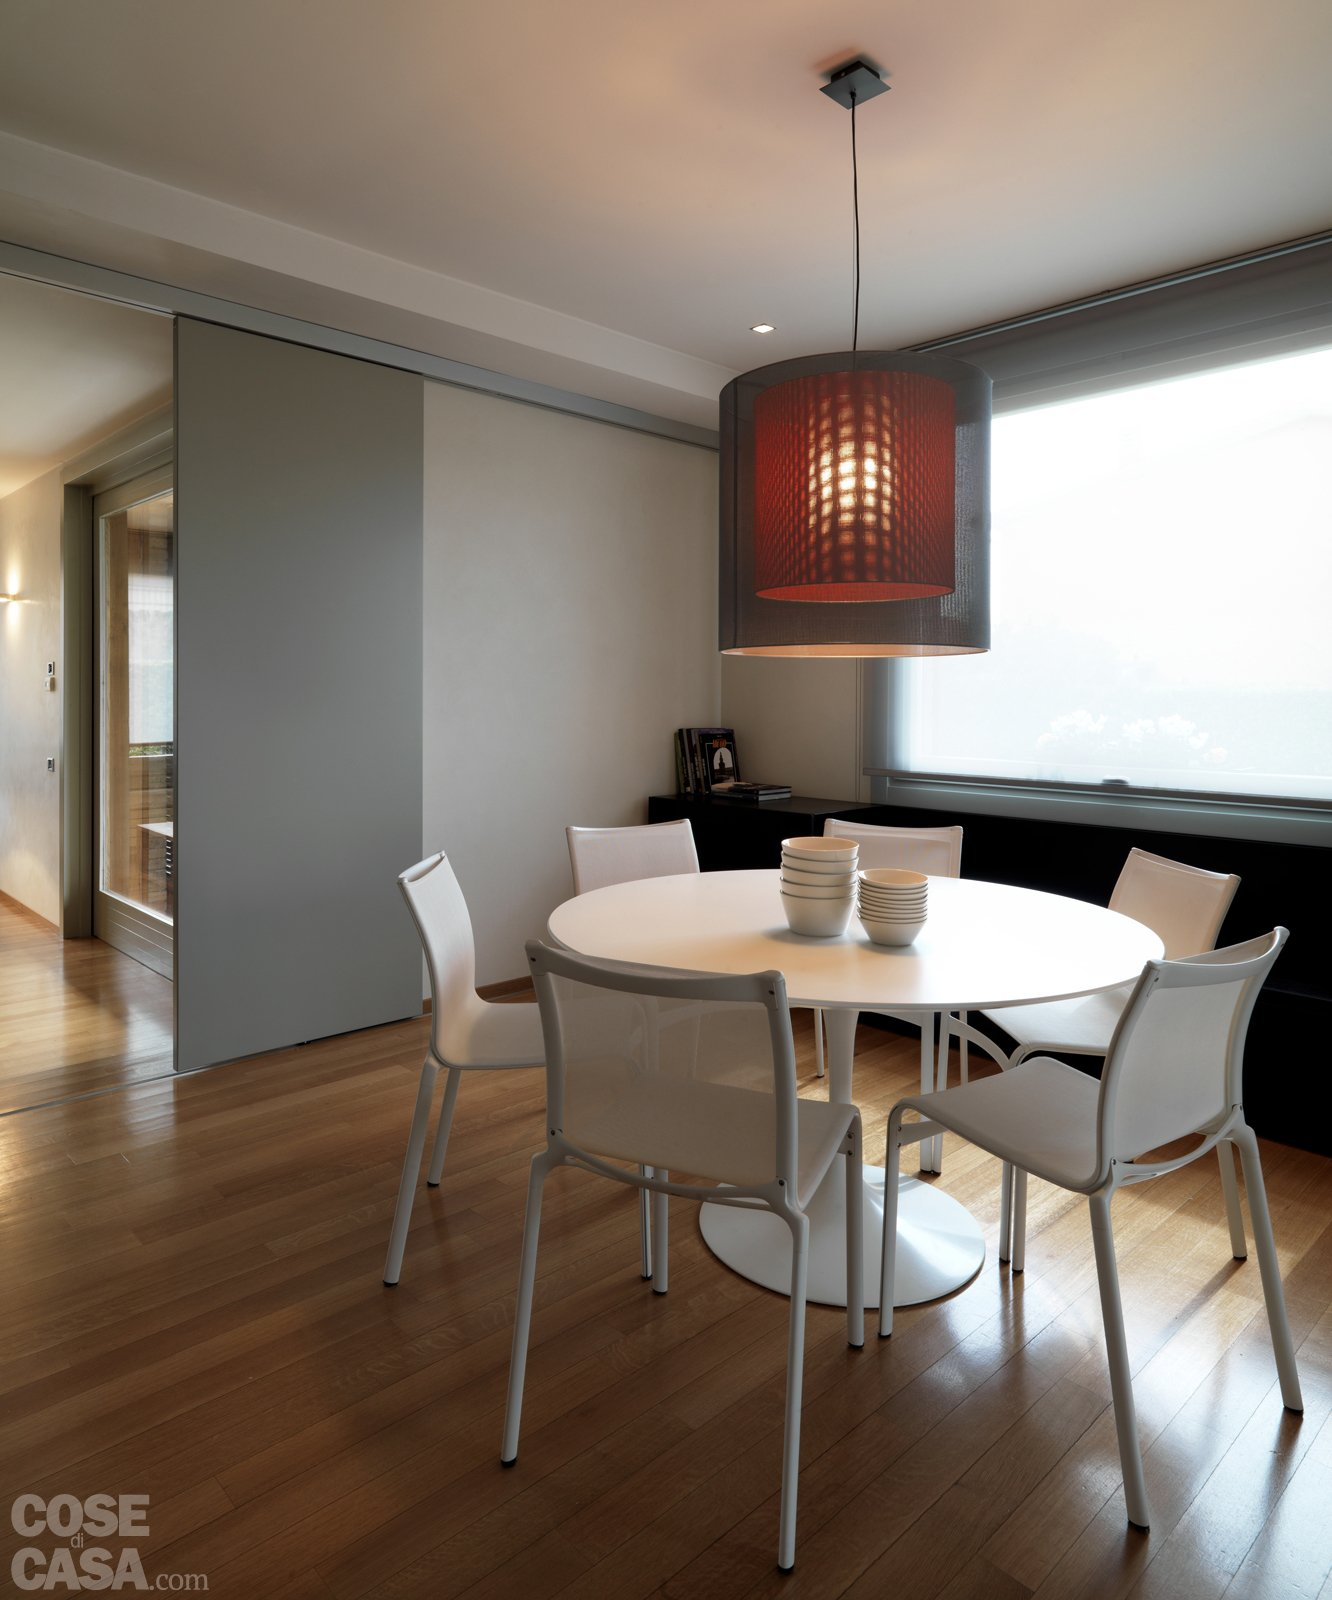 Una casa arredata con pezzi di design e finiture di tendenza cose di casa - Zona pranzo design ...